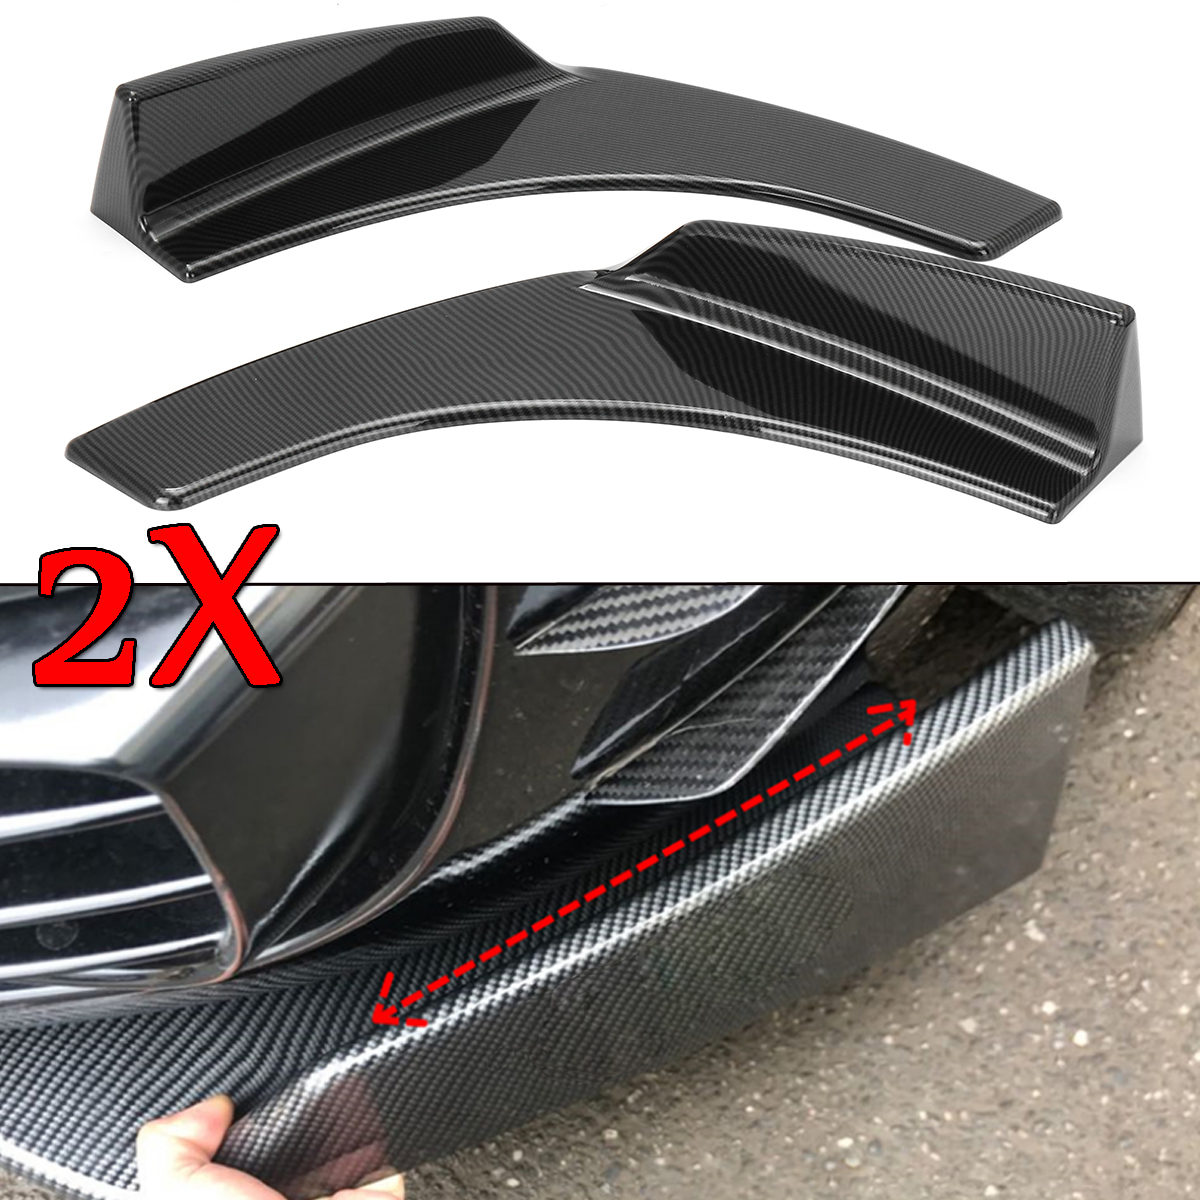 UNA Coppia In Fibra di Carbonio Look/Nero Universal Car Paraurti Anteriore Splitter Labbro Paraurti Deflettore Spoiler Diffusore Canard Lip Protezione